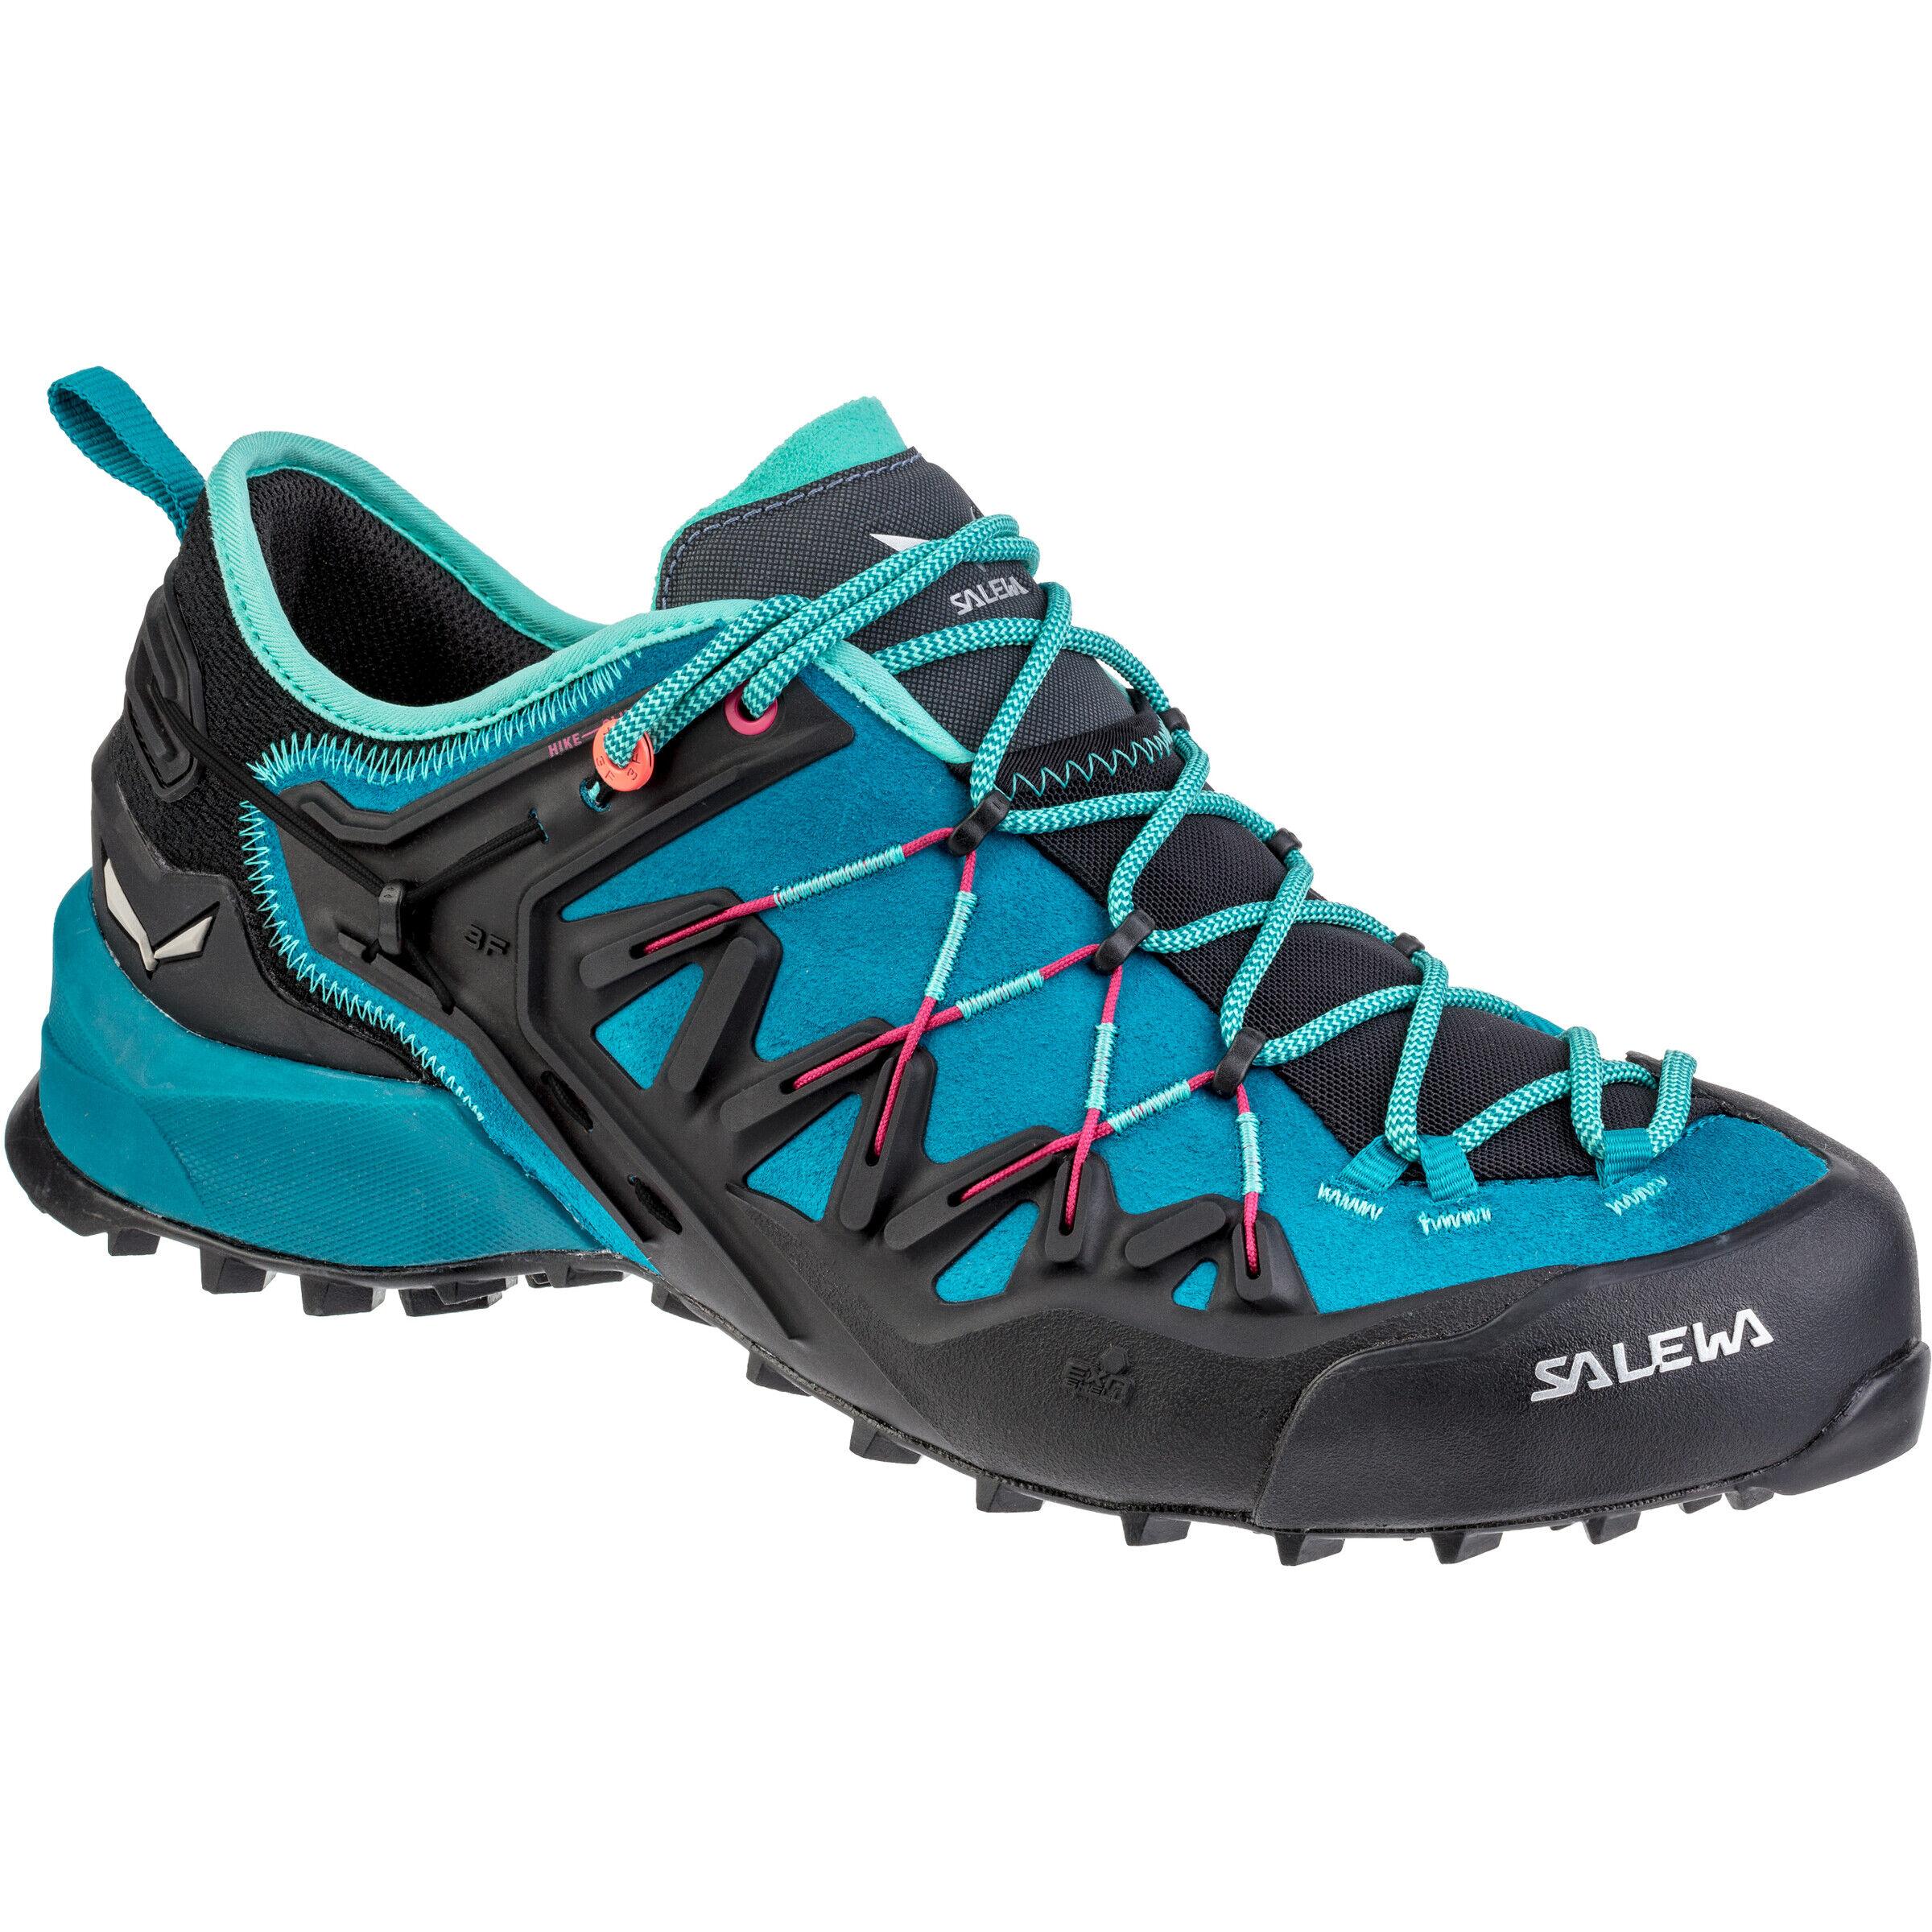 SALEWA Wildfire Edge Schuhe Damen maltavivacious